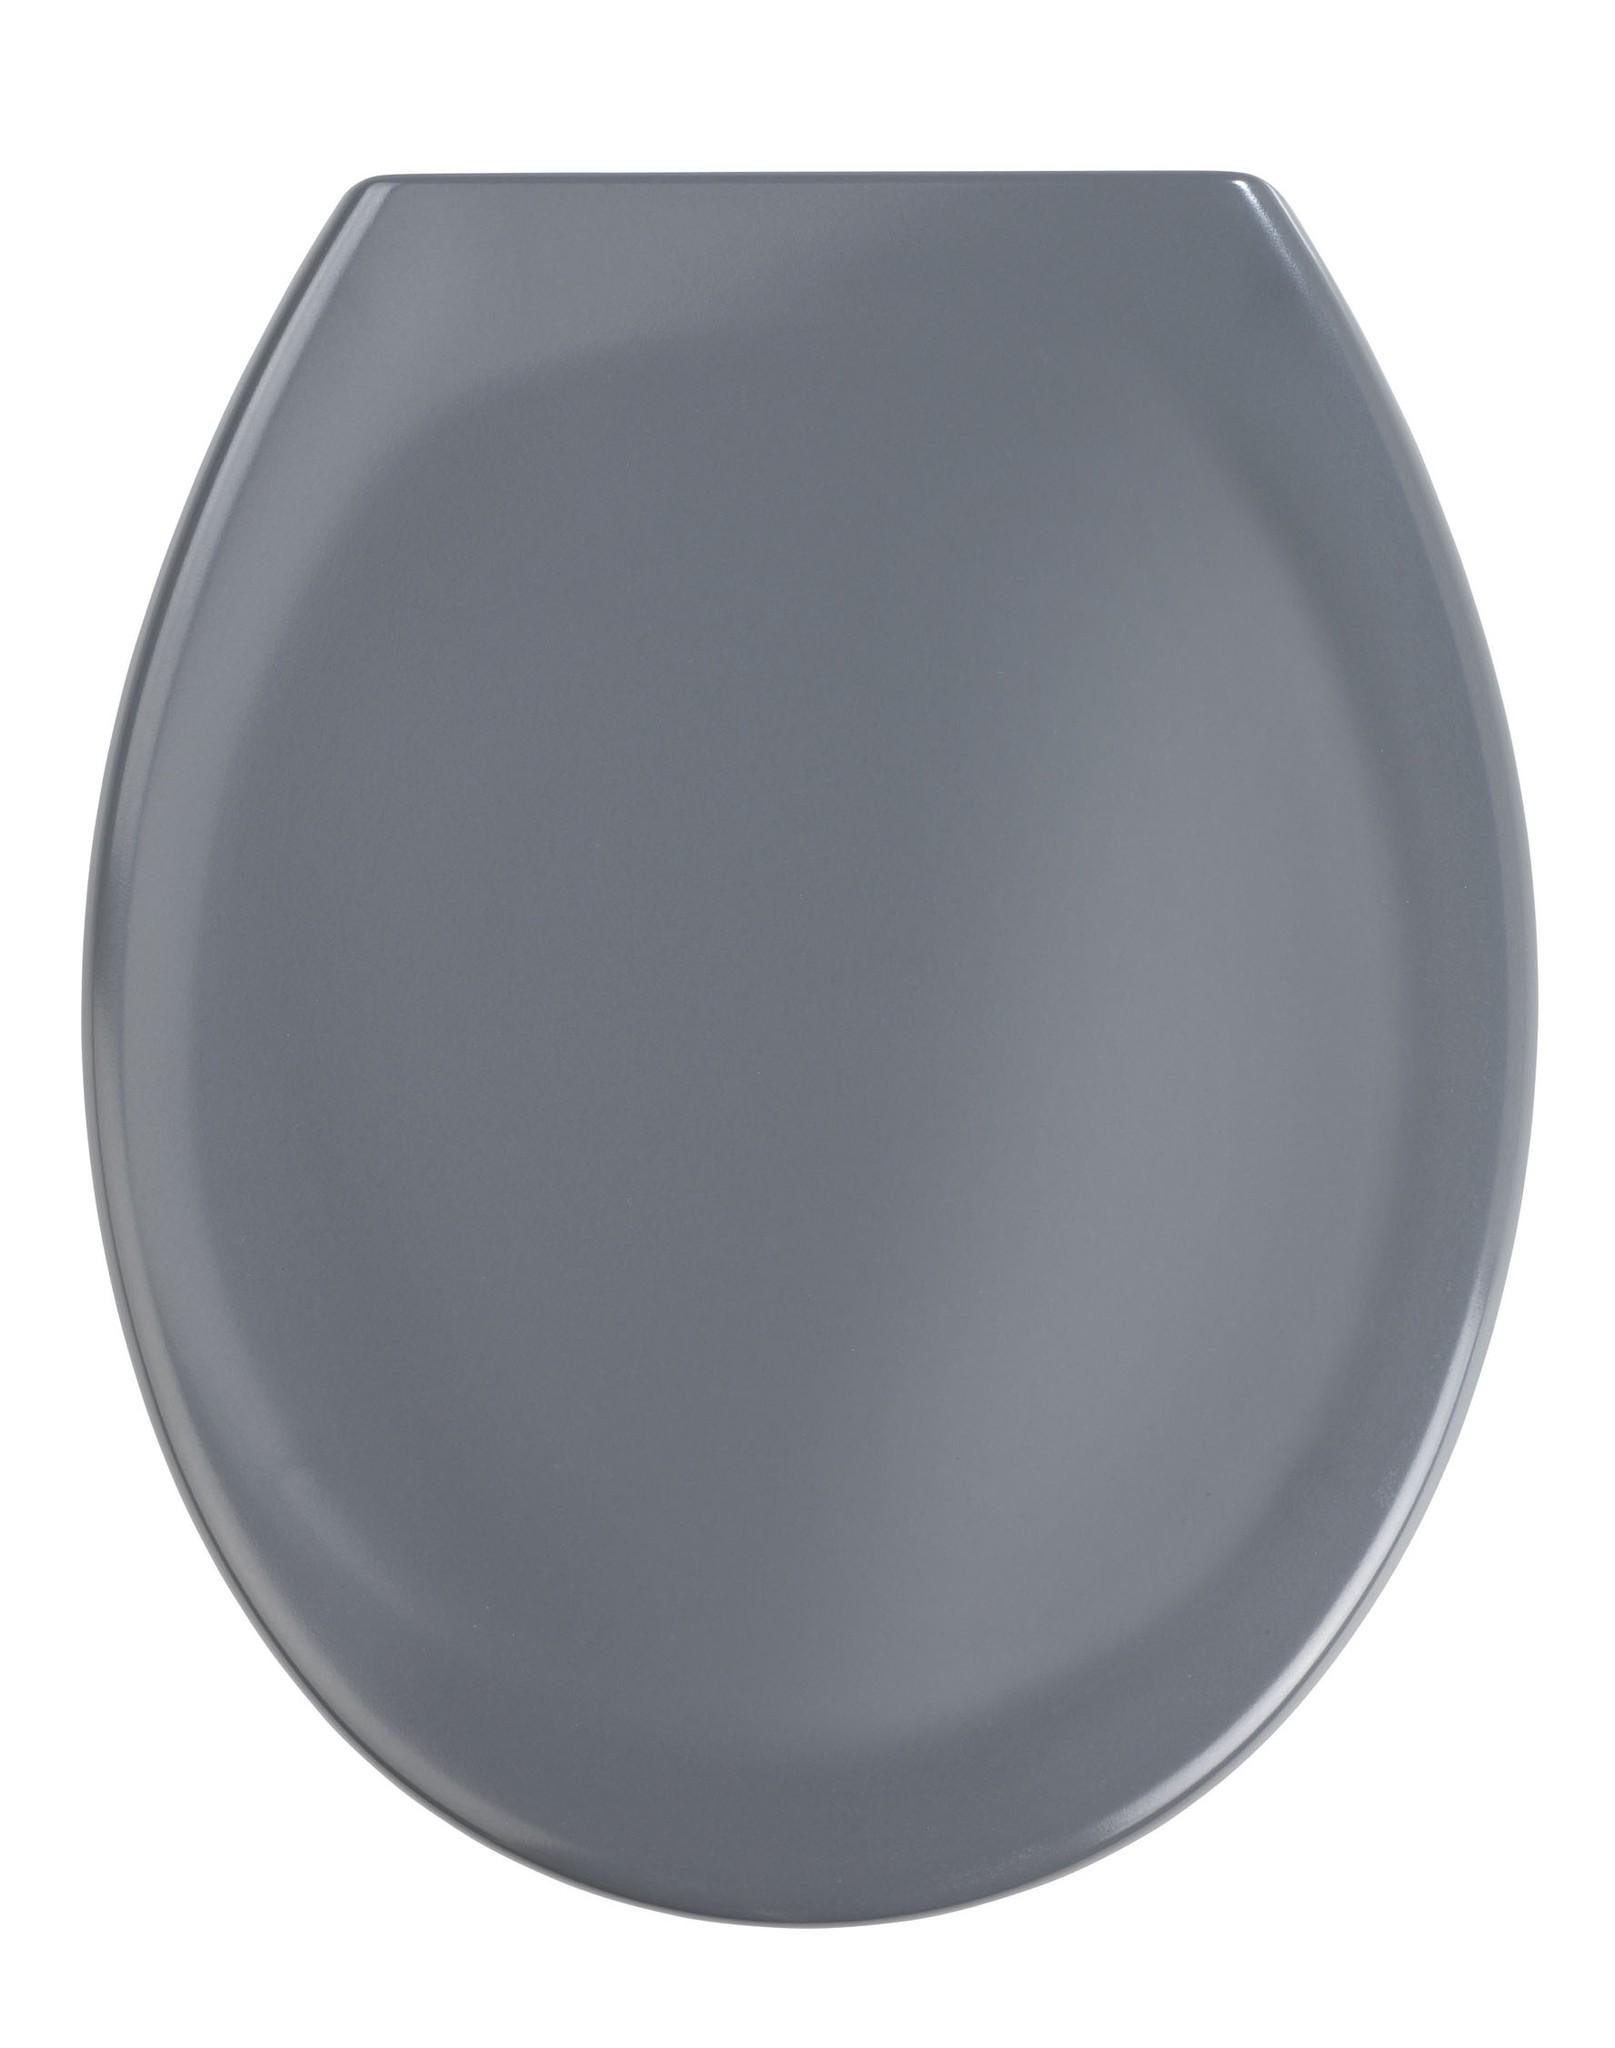 premium wc sitz ottana dunkelgrau mit absenkautomatik von wenko jetzt kaufen bei wc. Black Bedroom Furniture Sets. Home Design Ideas